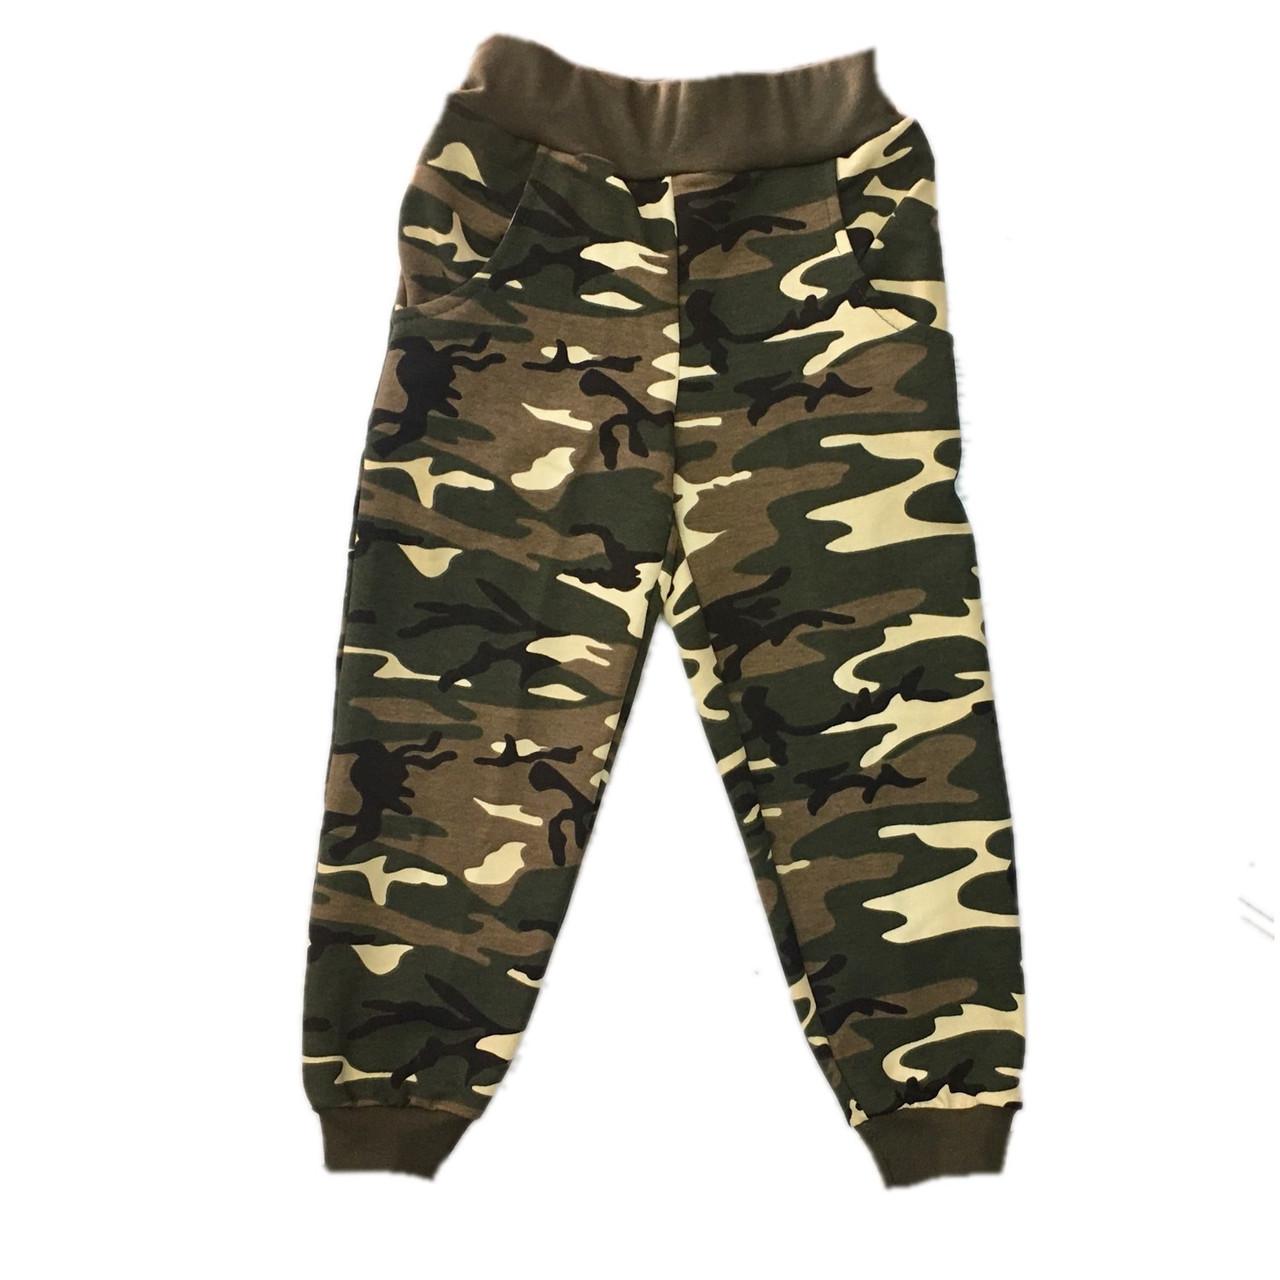 Спортивные штаны на мальчика, камуфляж, 134см